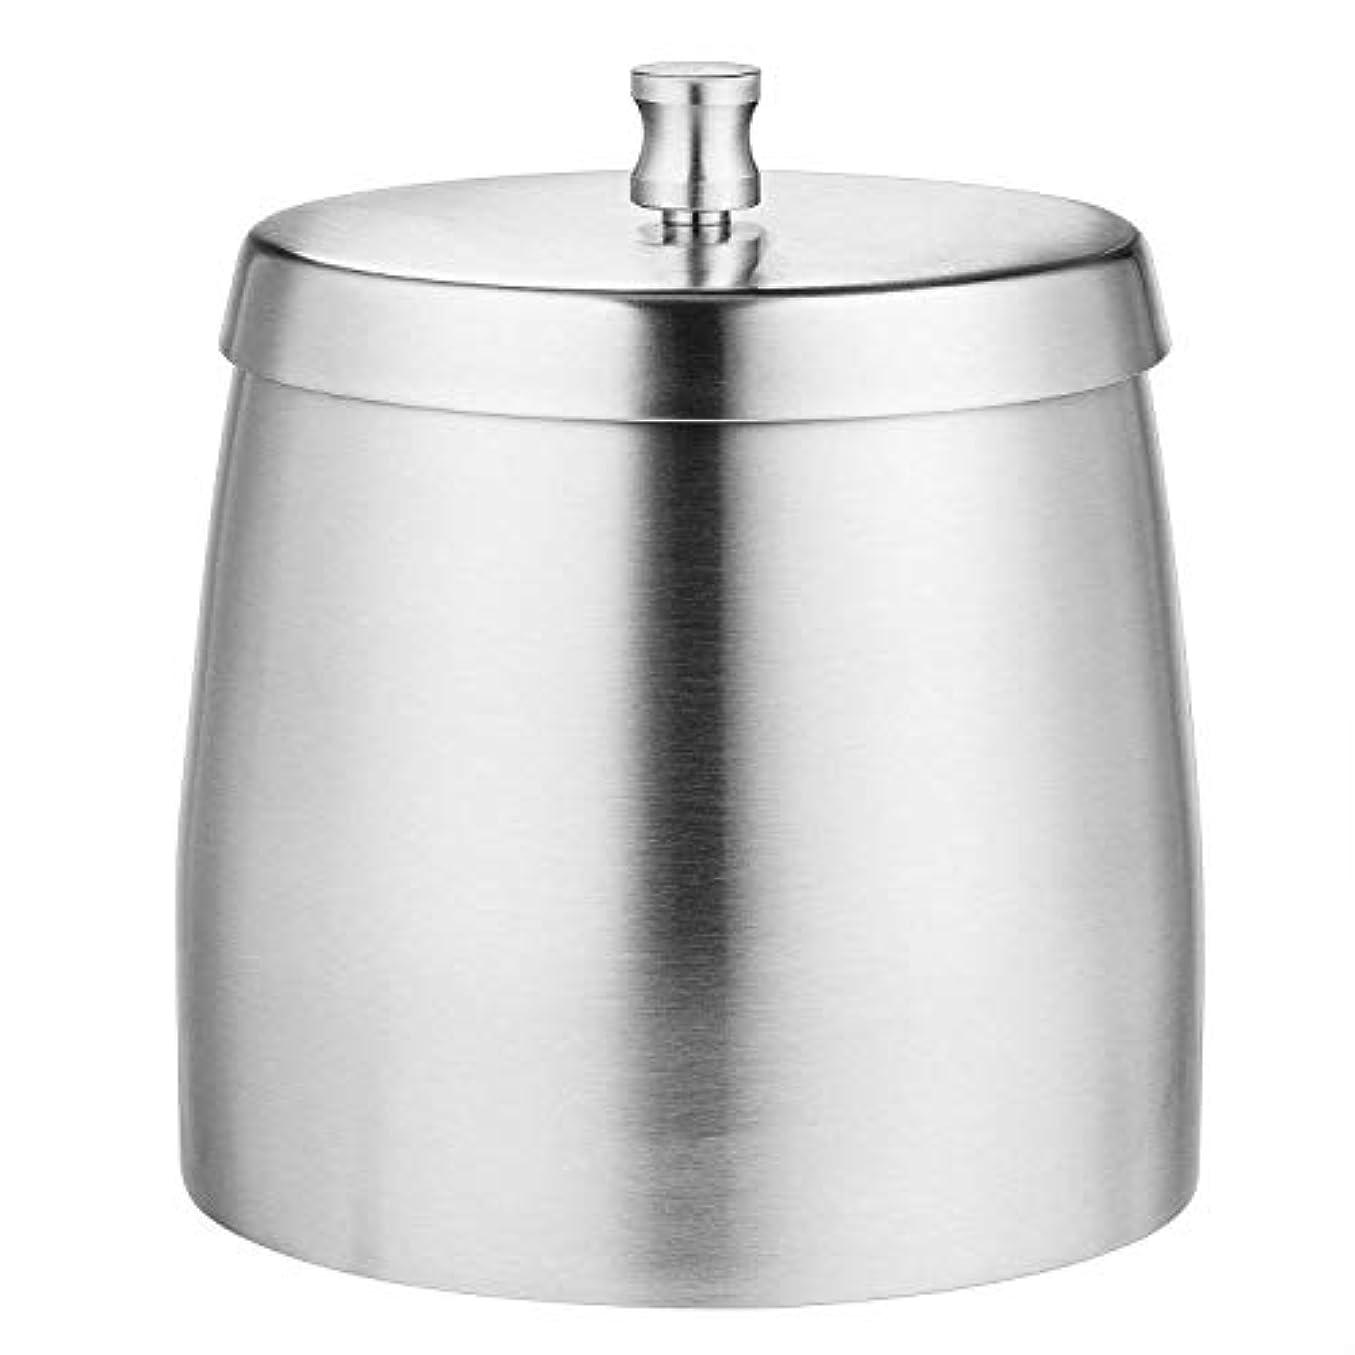 バング肉腫良さタバコのための蓋付き灰皿、屋内用防風/防雨ステンレススチールアンブレイカブル現代の灰皿や屋外での使用、シルバー